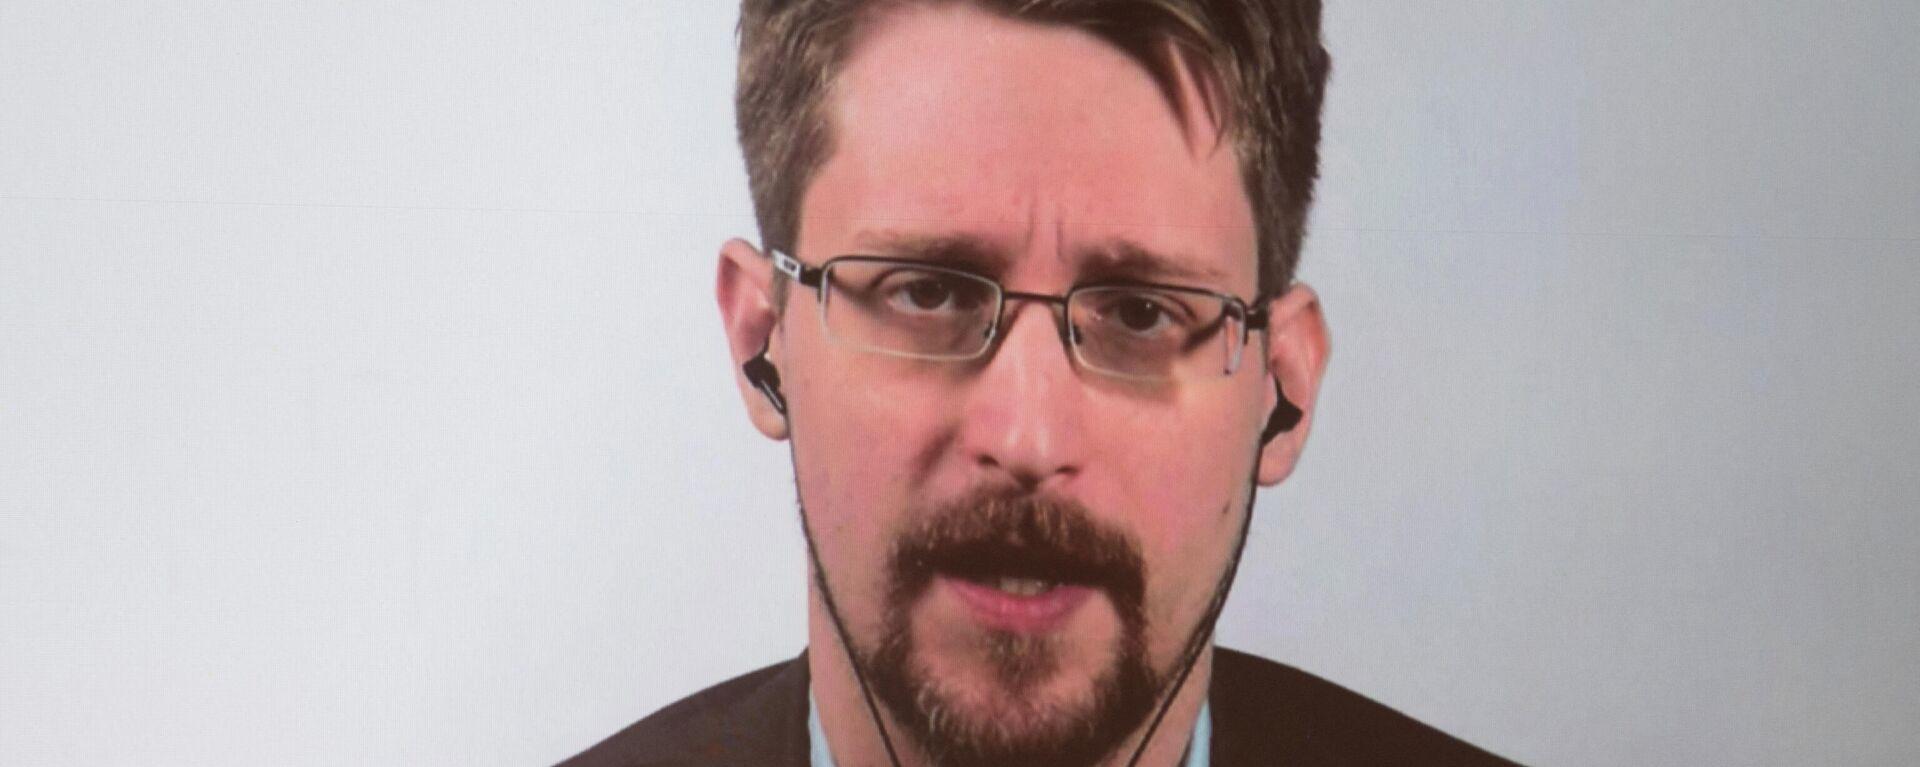 Edward Snowden wird auf einem Bildschirm gezeigt (Archivbild) - SNA, 1920, 06.10.2021